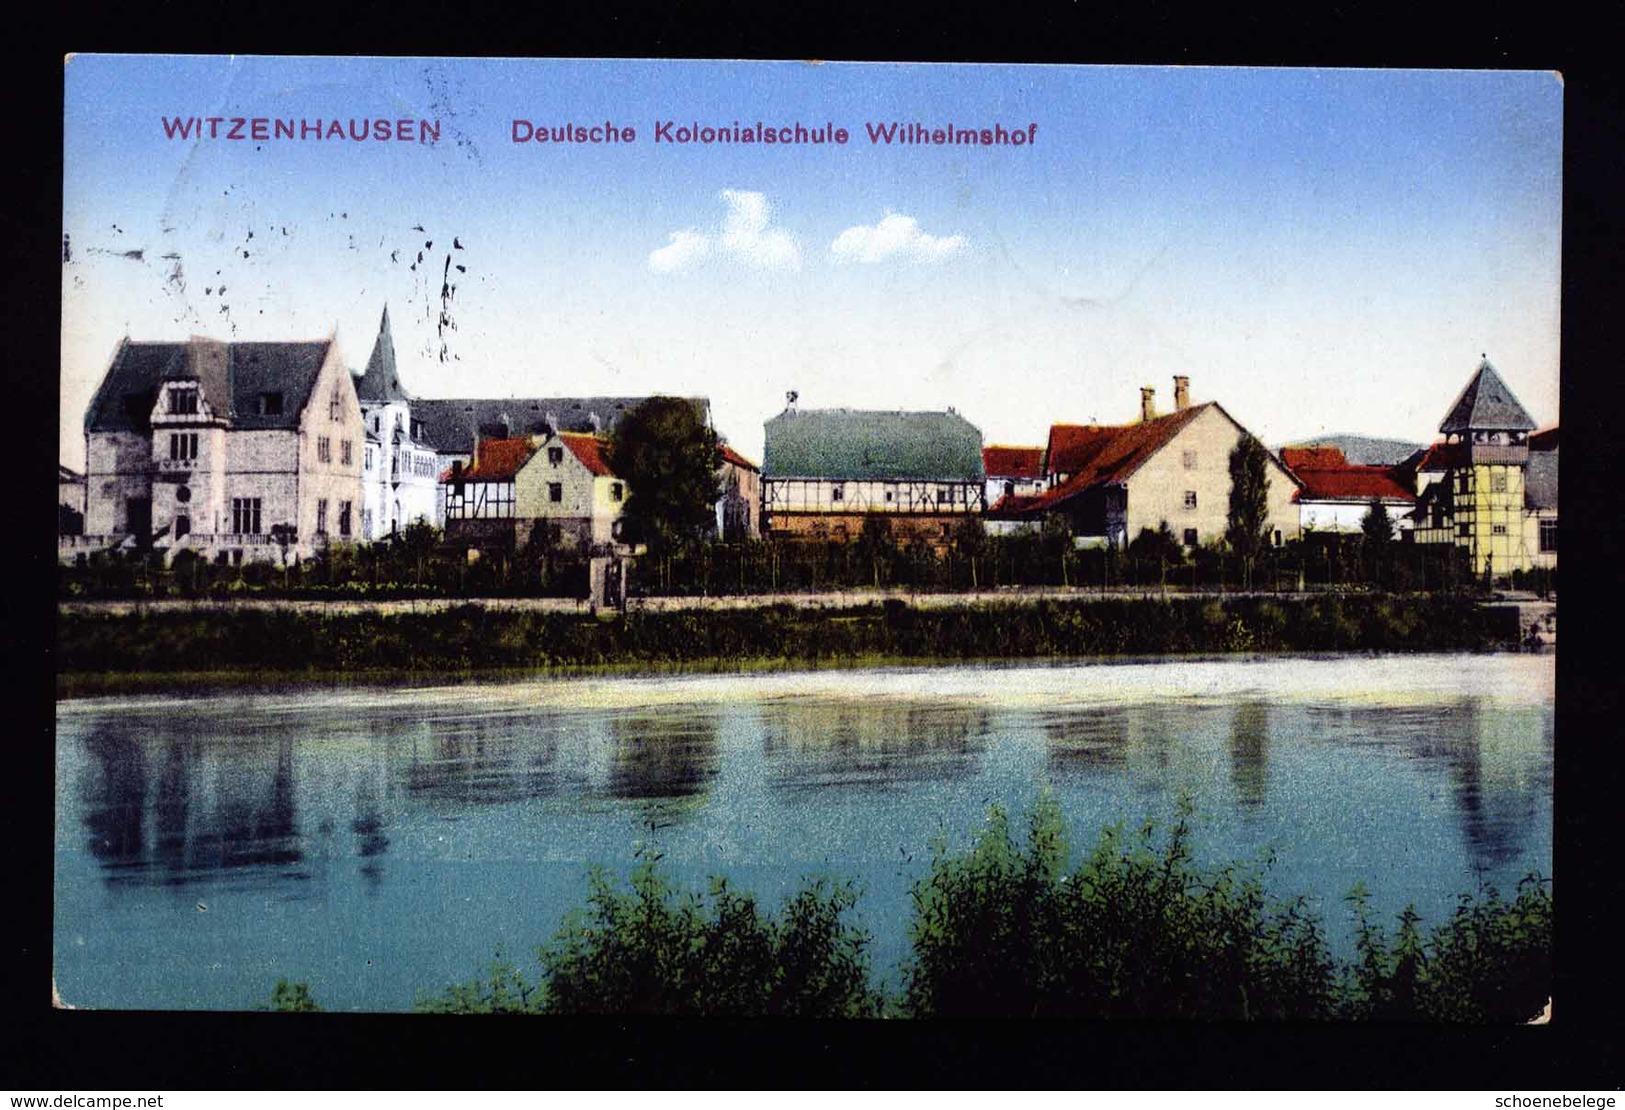 A6110) AK Witzenhausen 1915 Kolonialschule Wilhelmshof Gebraucht - Witzenhausen